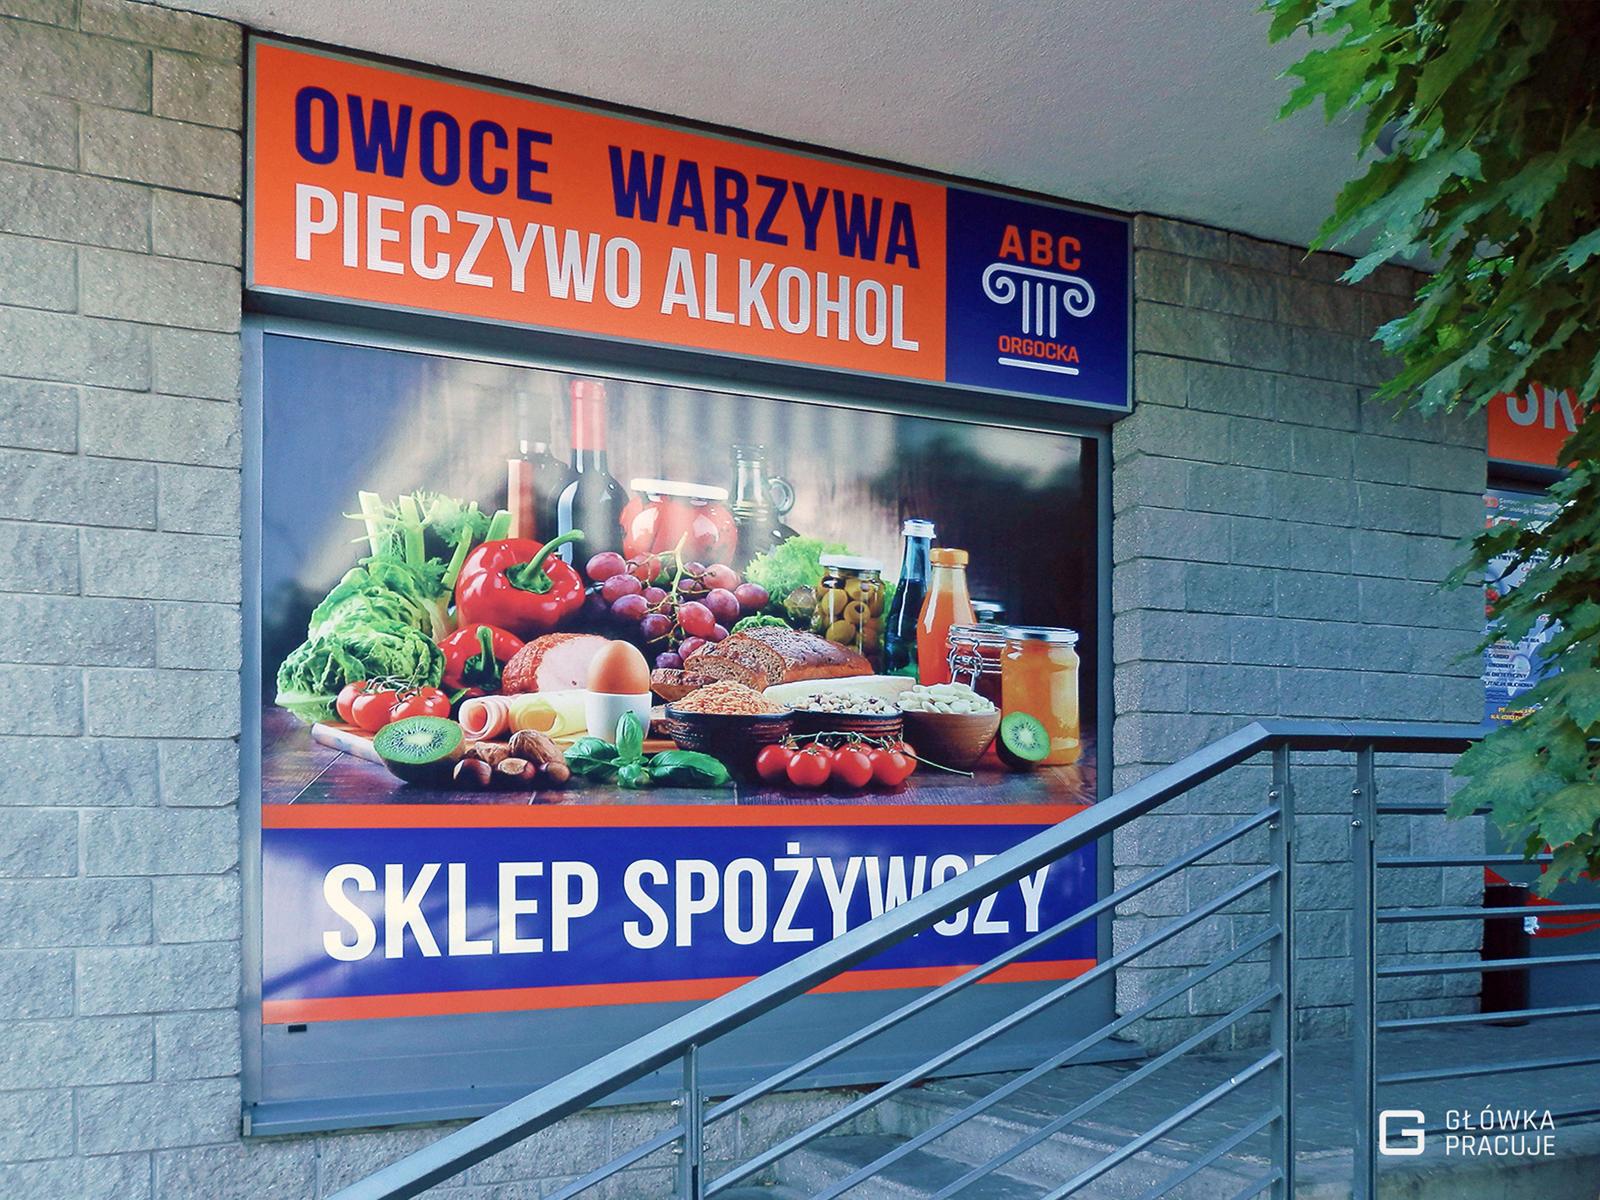 Główka pracuje pl Rebranding ABC Sklep Spożywczy ul Bobrowiecka 3 folie do podświetleń i druk